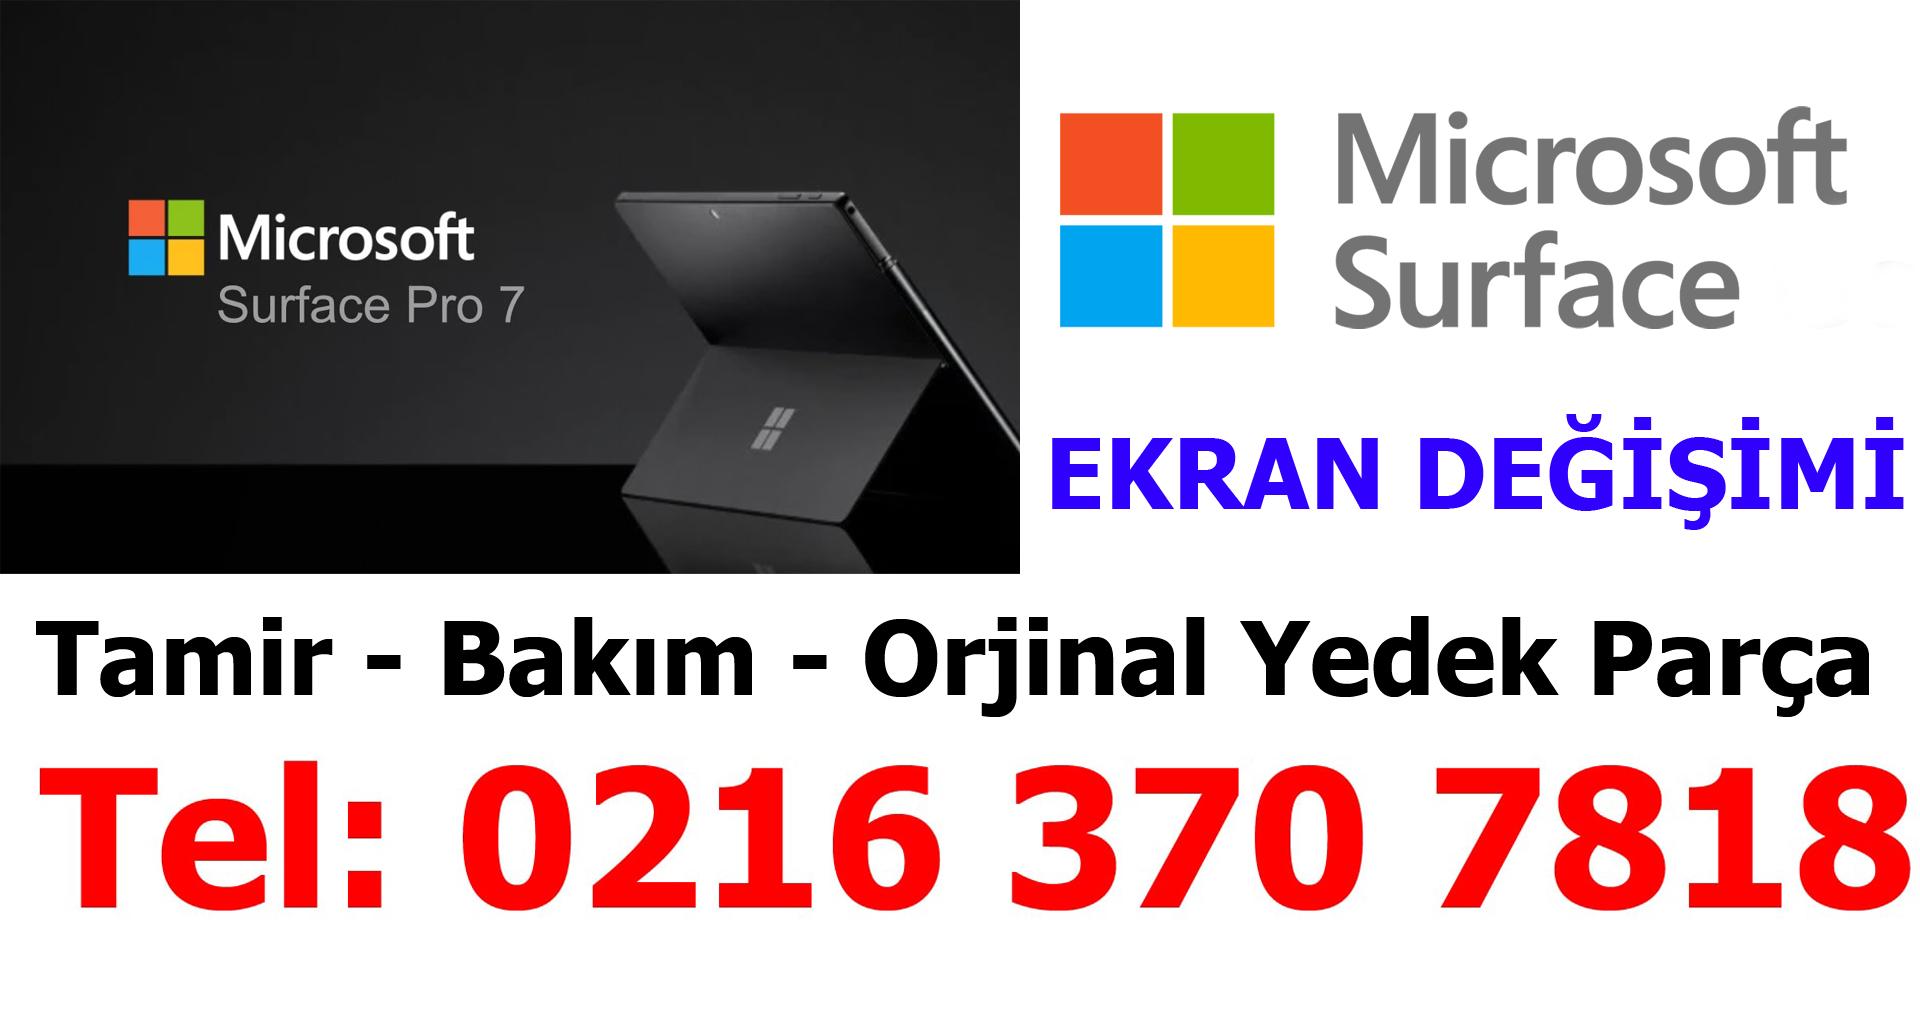 Microsoft Surface Ekran Değişimi